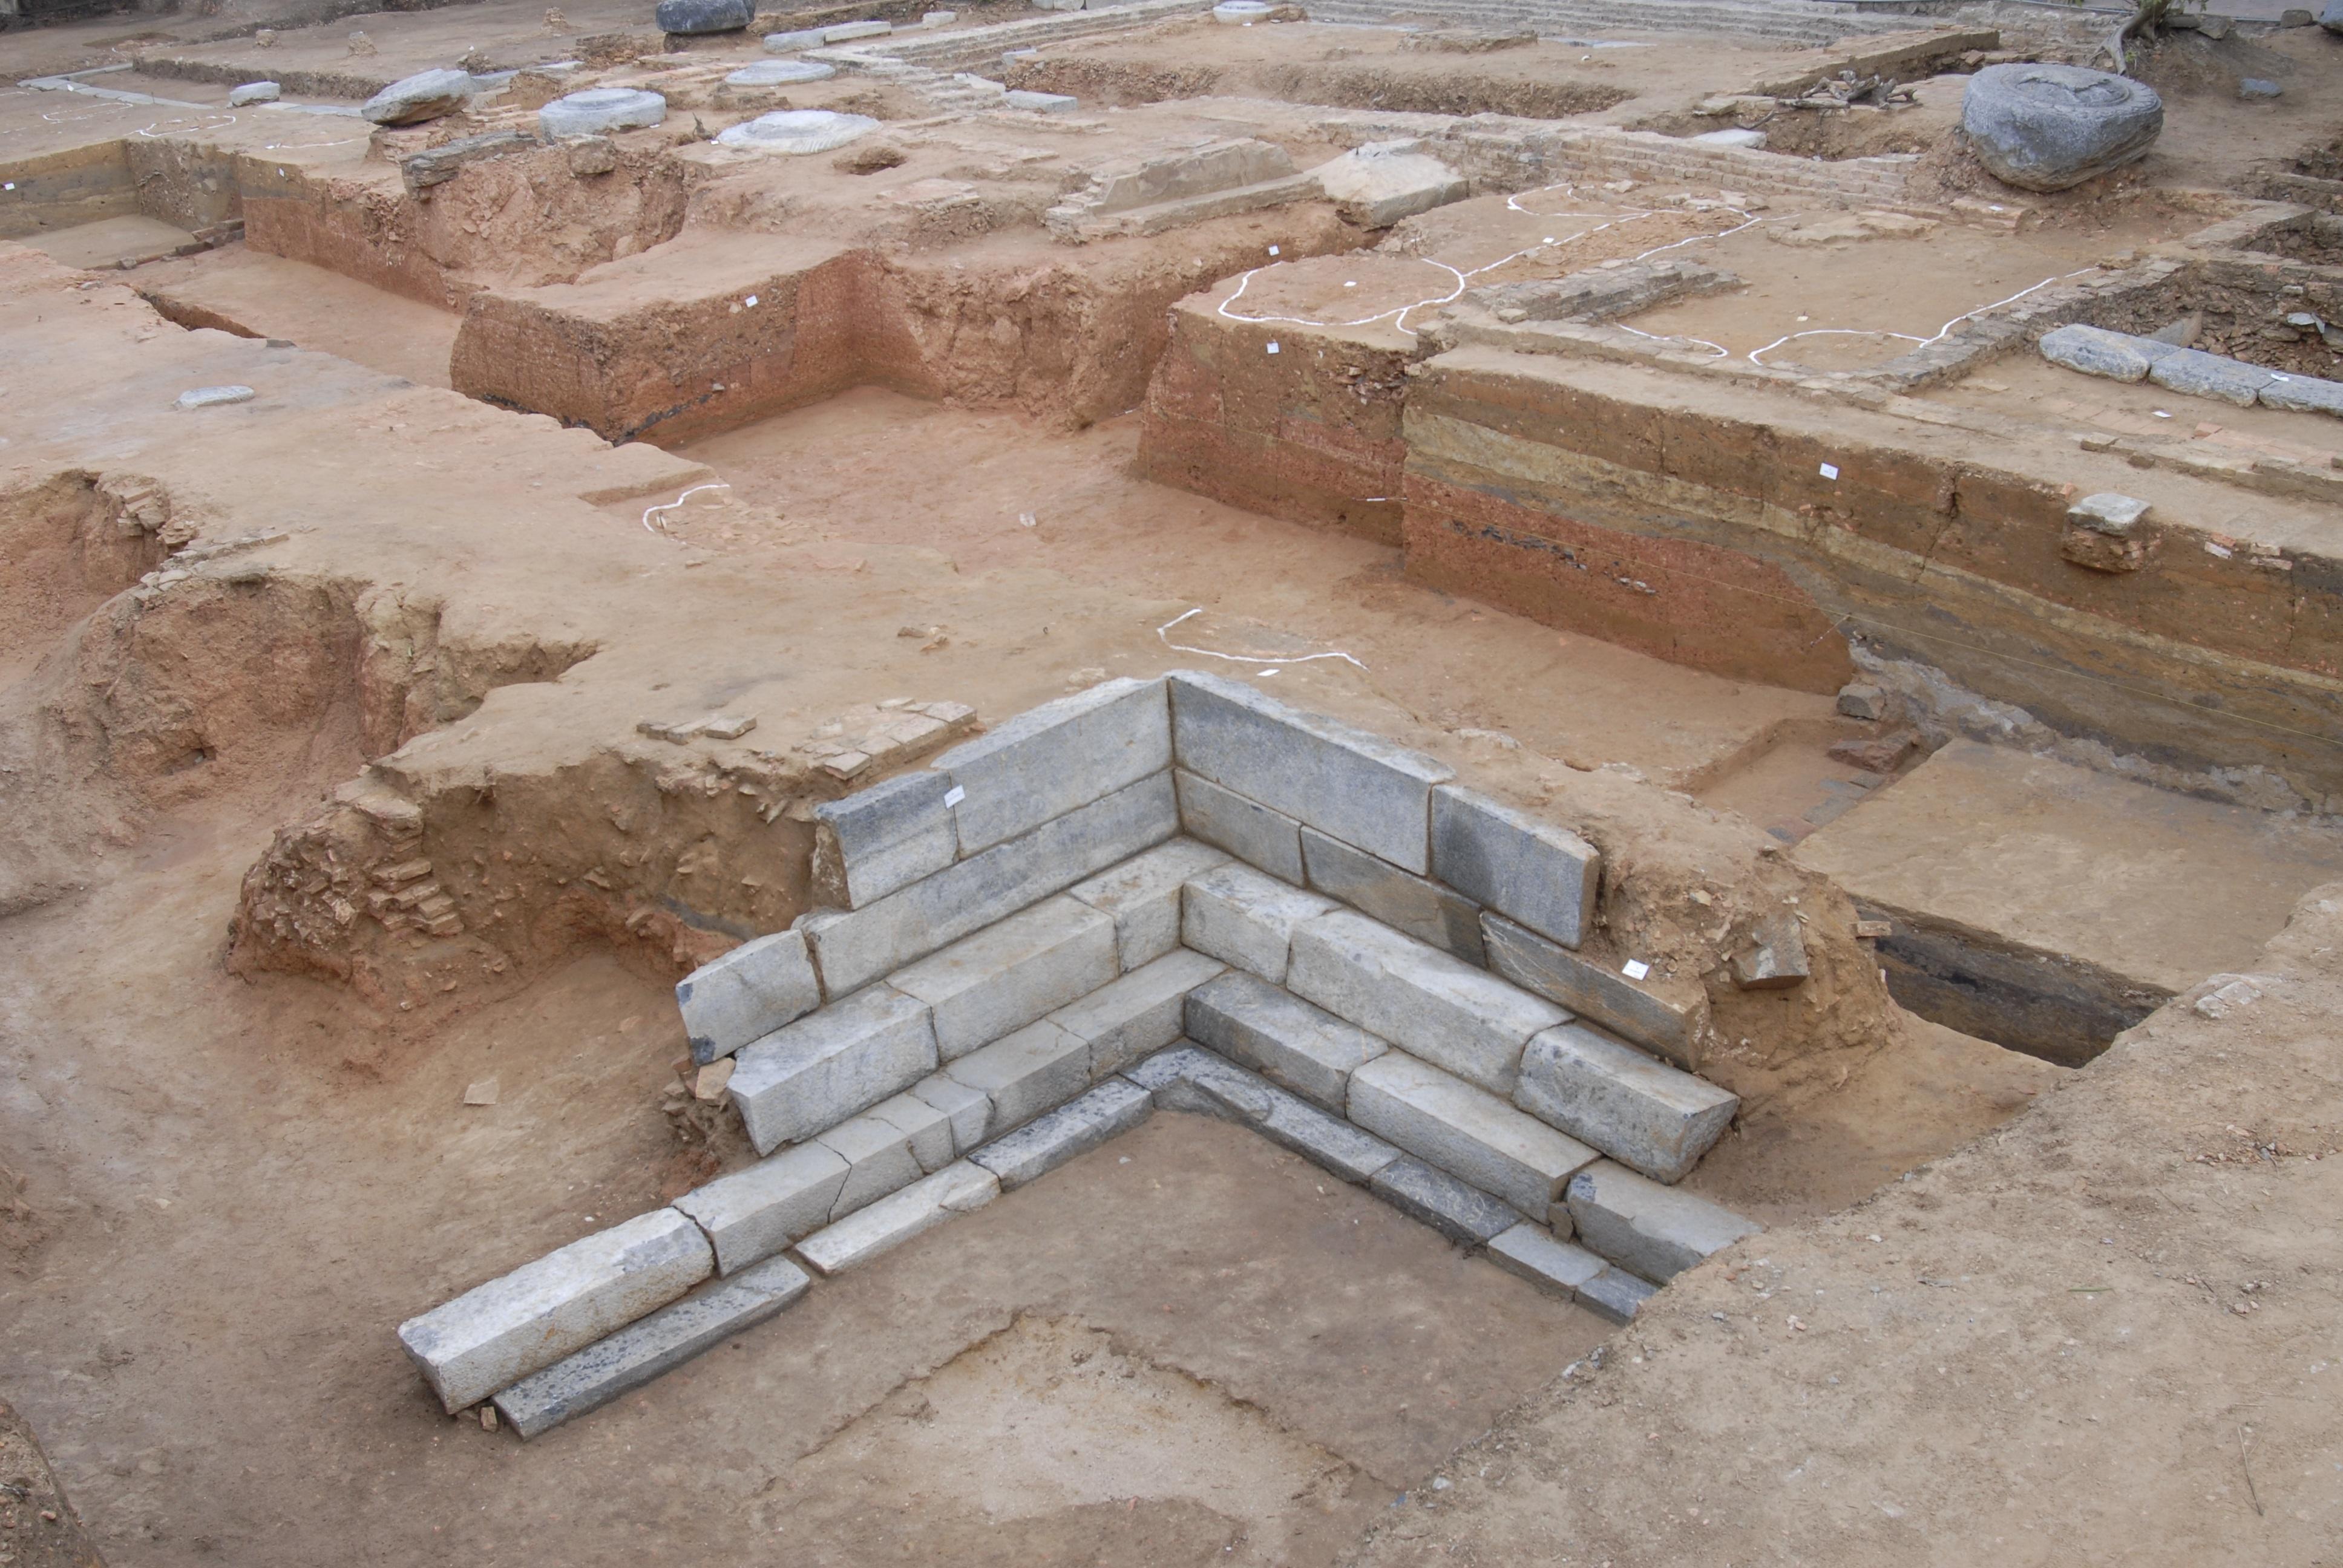 Ngôi chùa nghìn năm tuổi  - Trường Đại học phật giáo đầu tiên ở Việt Nam - 4